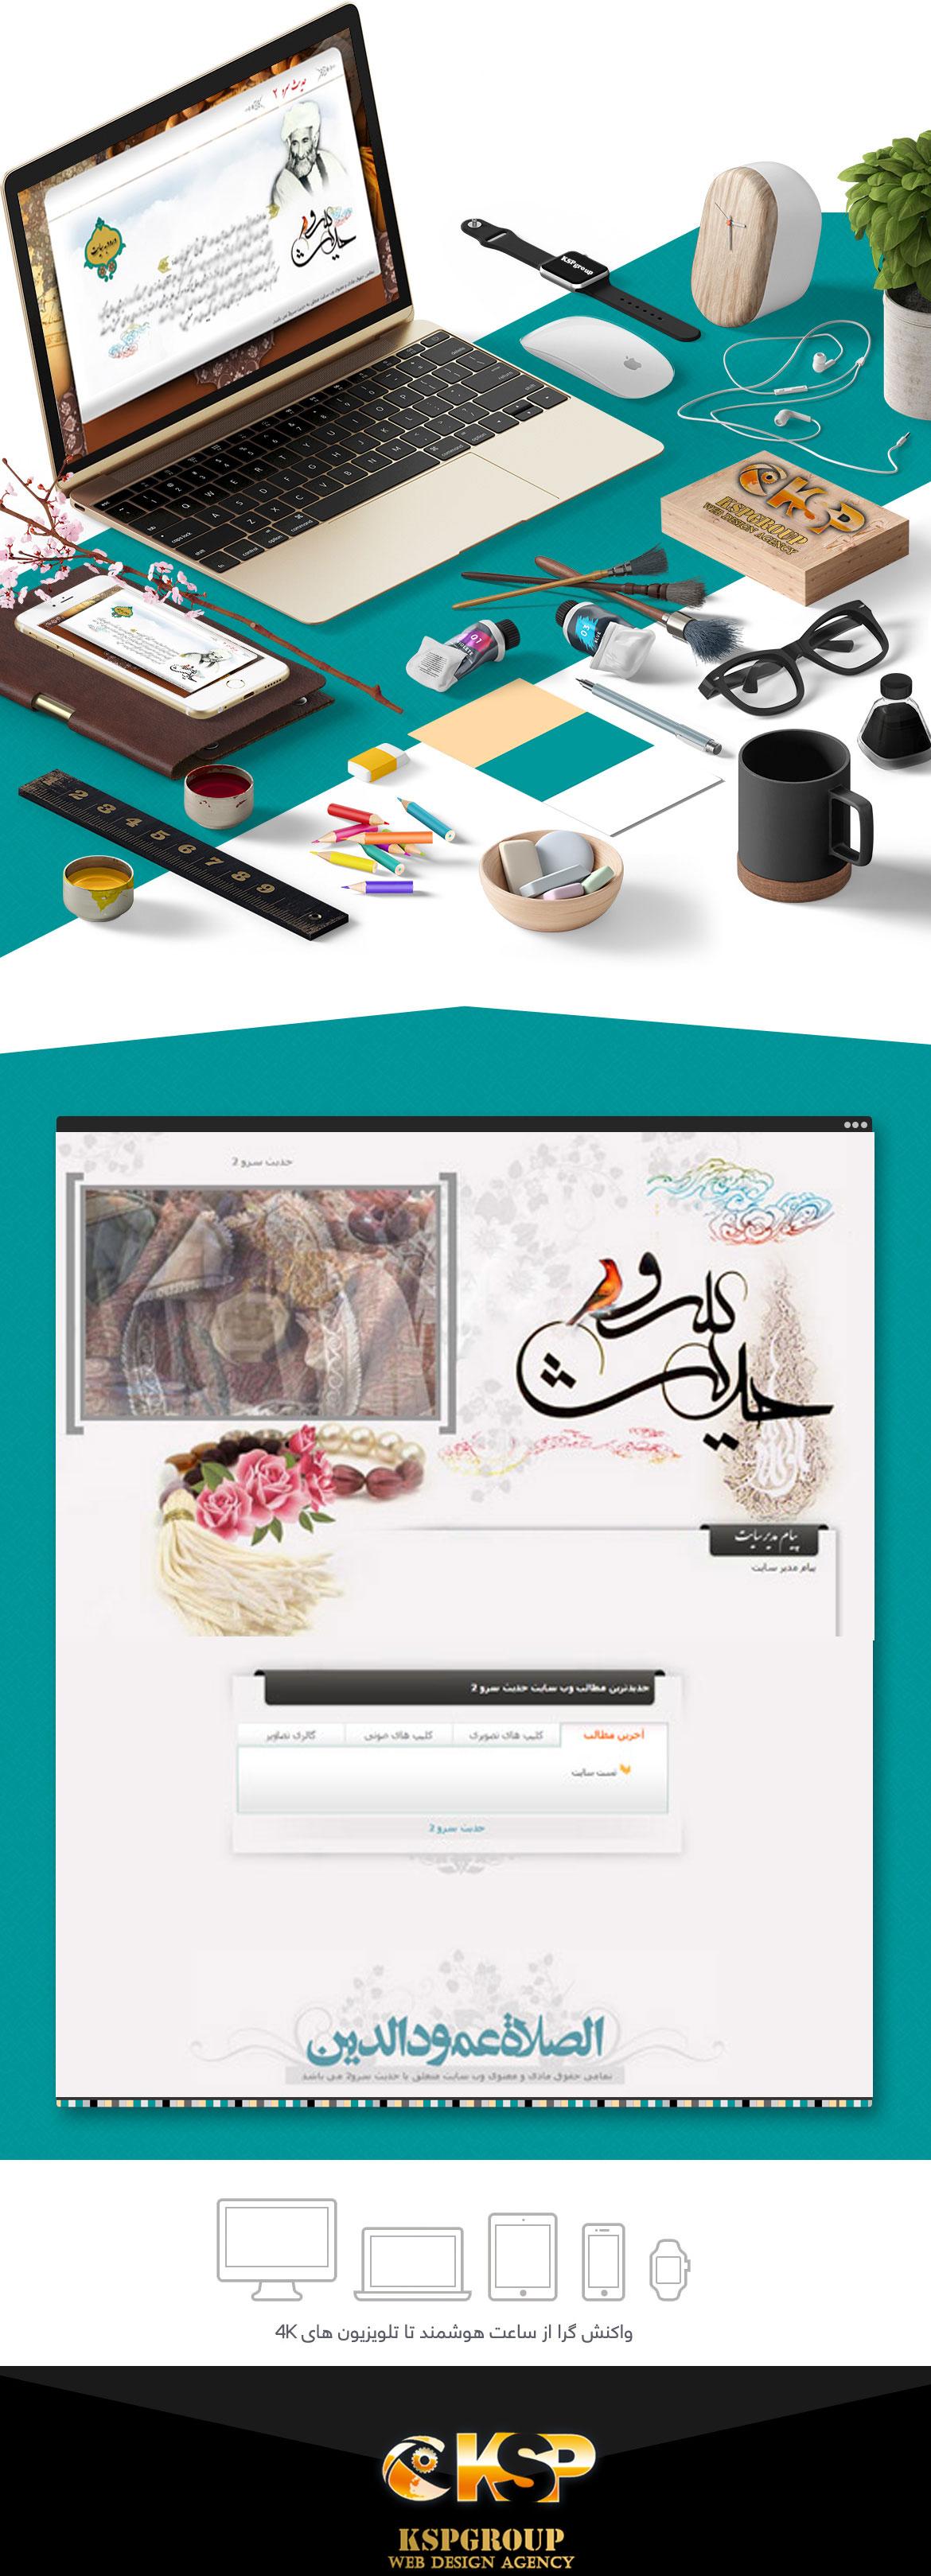 طراحی وب سایت مذهبی حدیث سرو پارس آرین